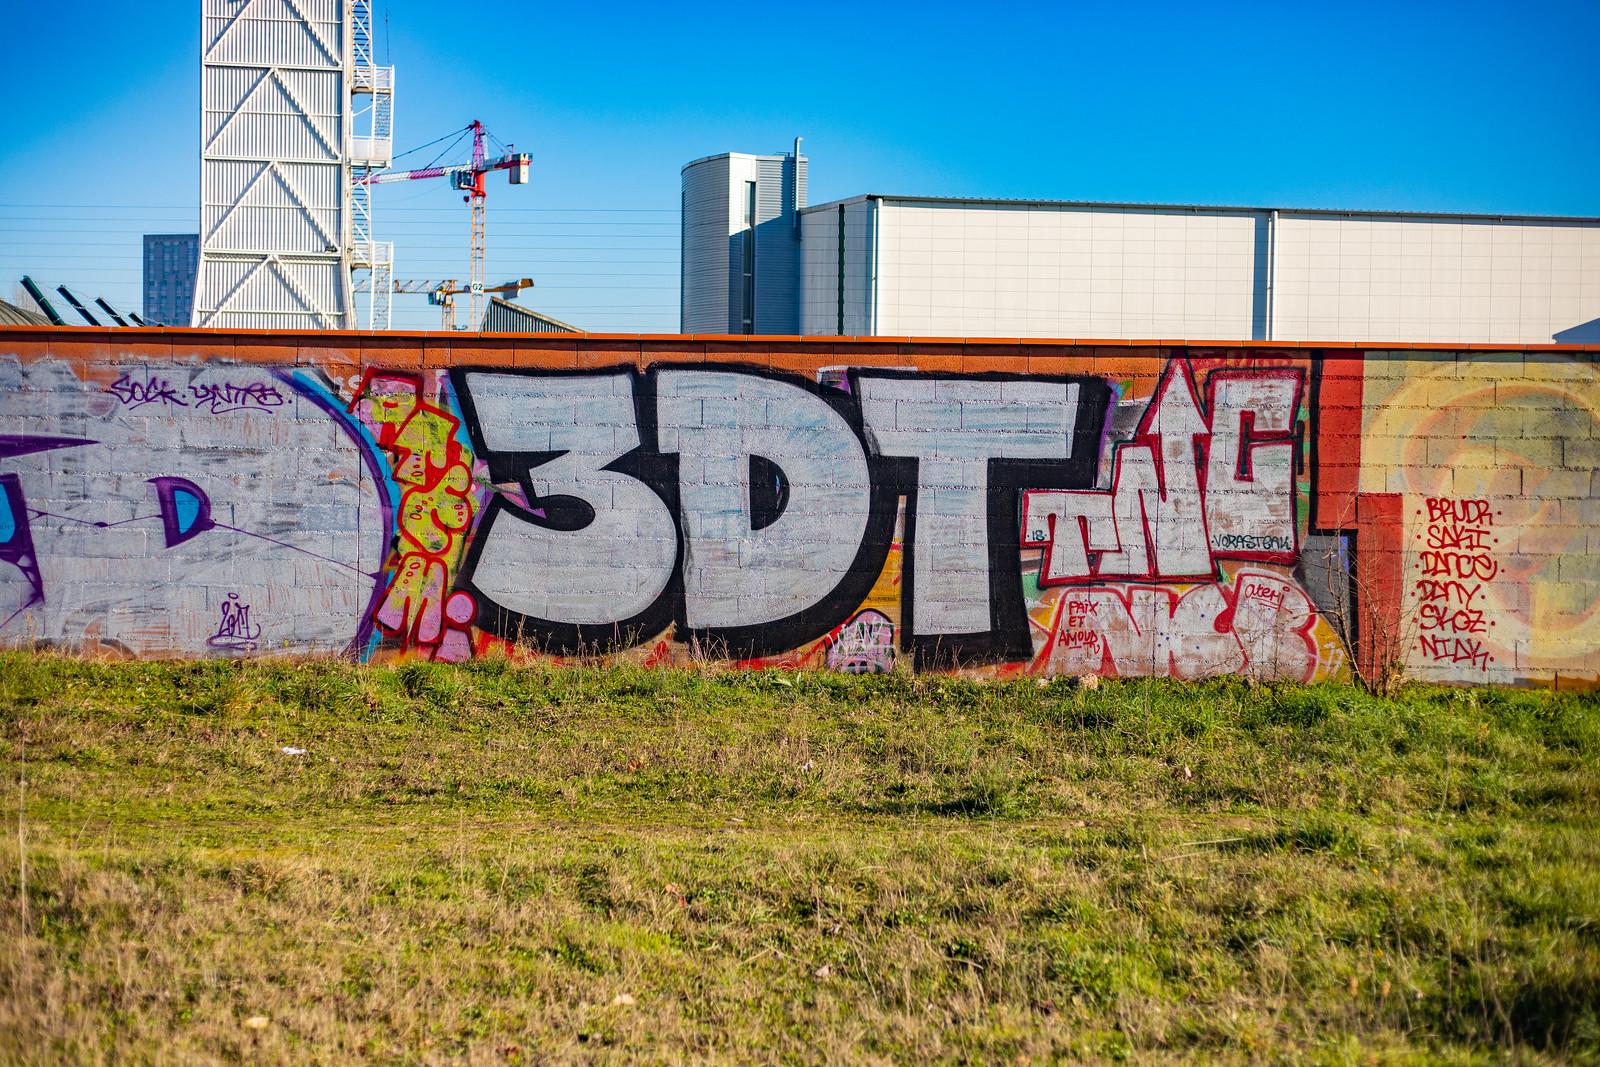 WEANE GRAFFITI TOULOUSE